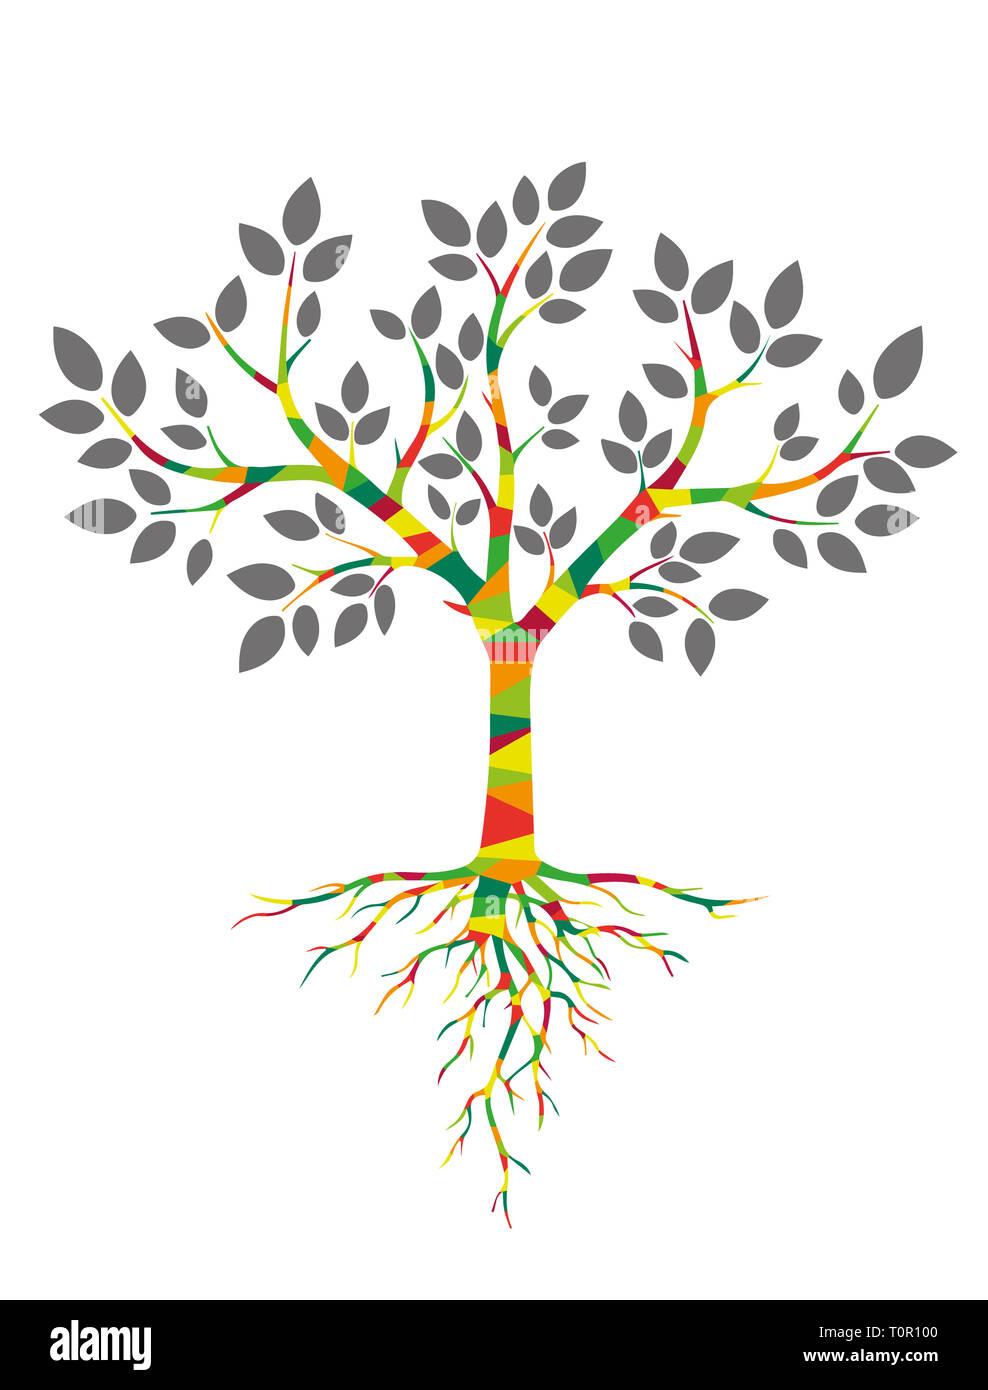 Albero colorato con radici Immagini Stock